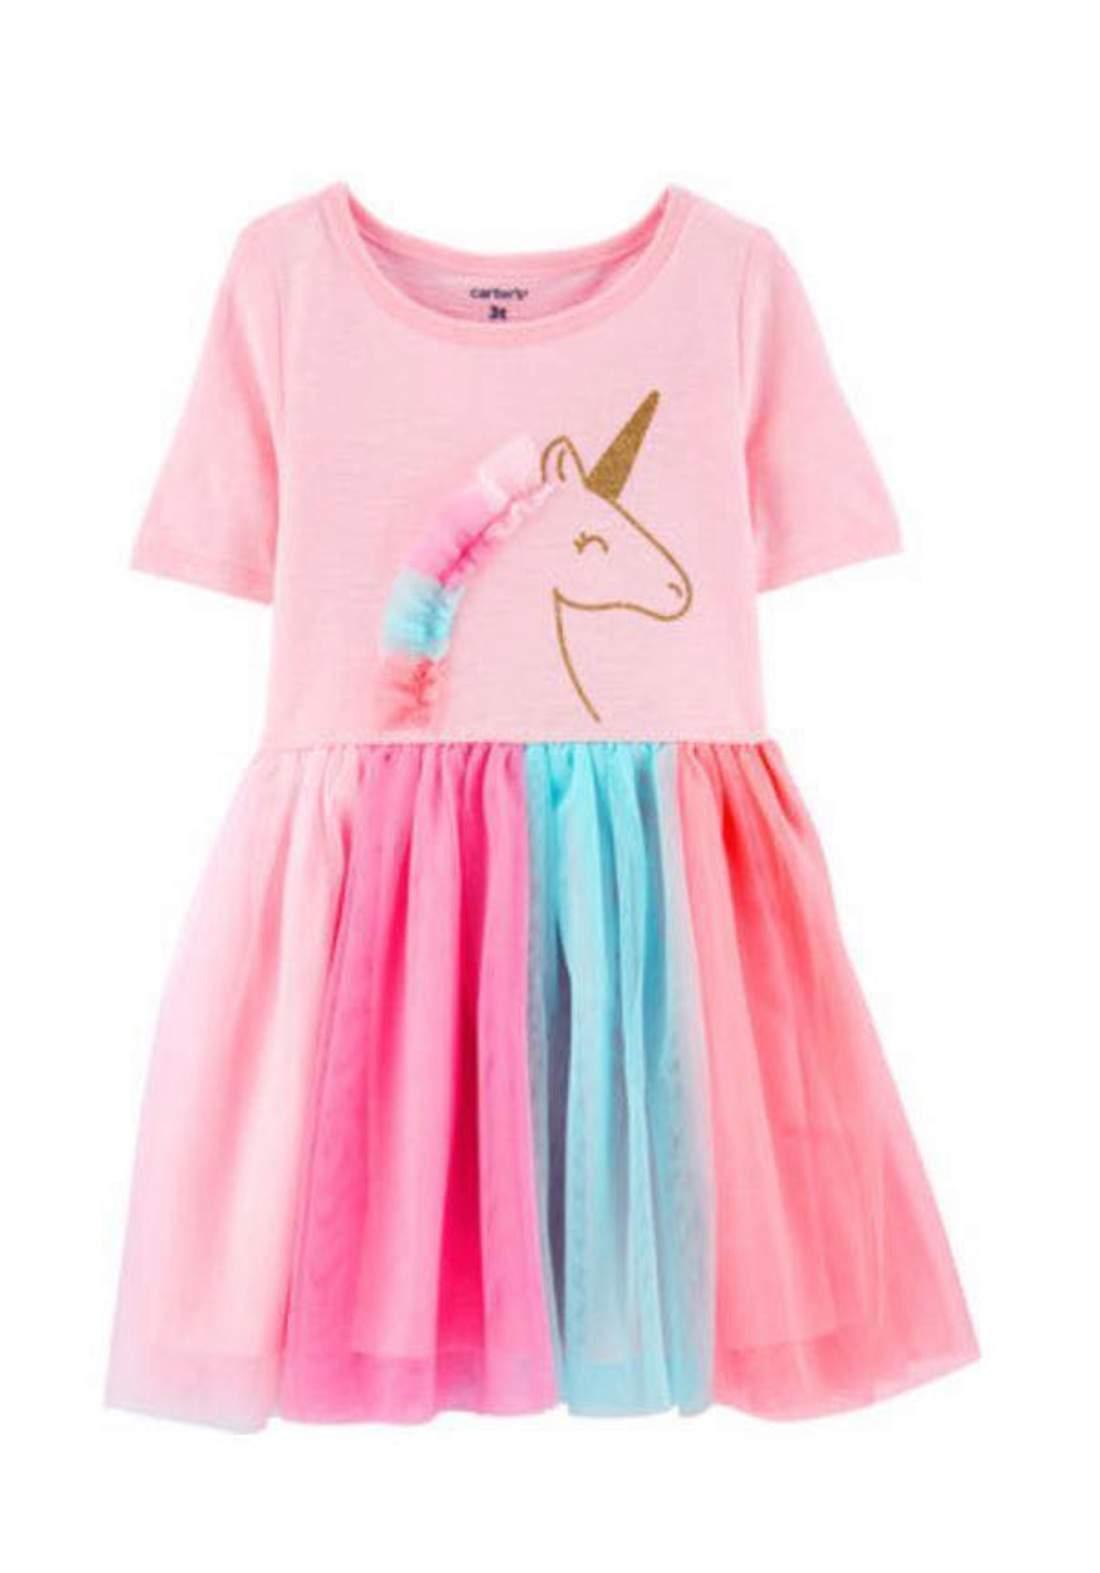 فستان بناتي وردي اللون من Carter's